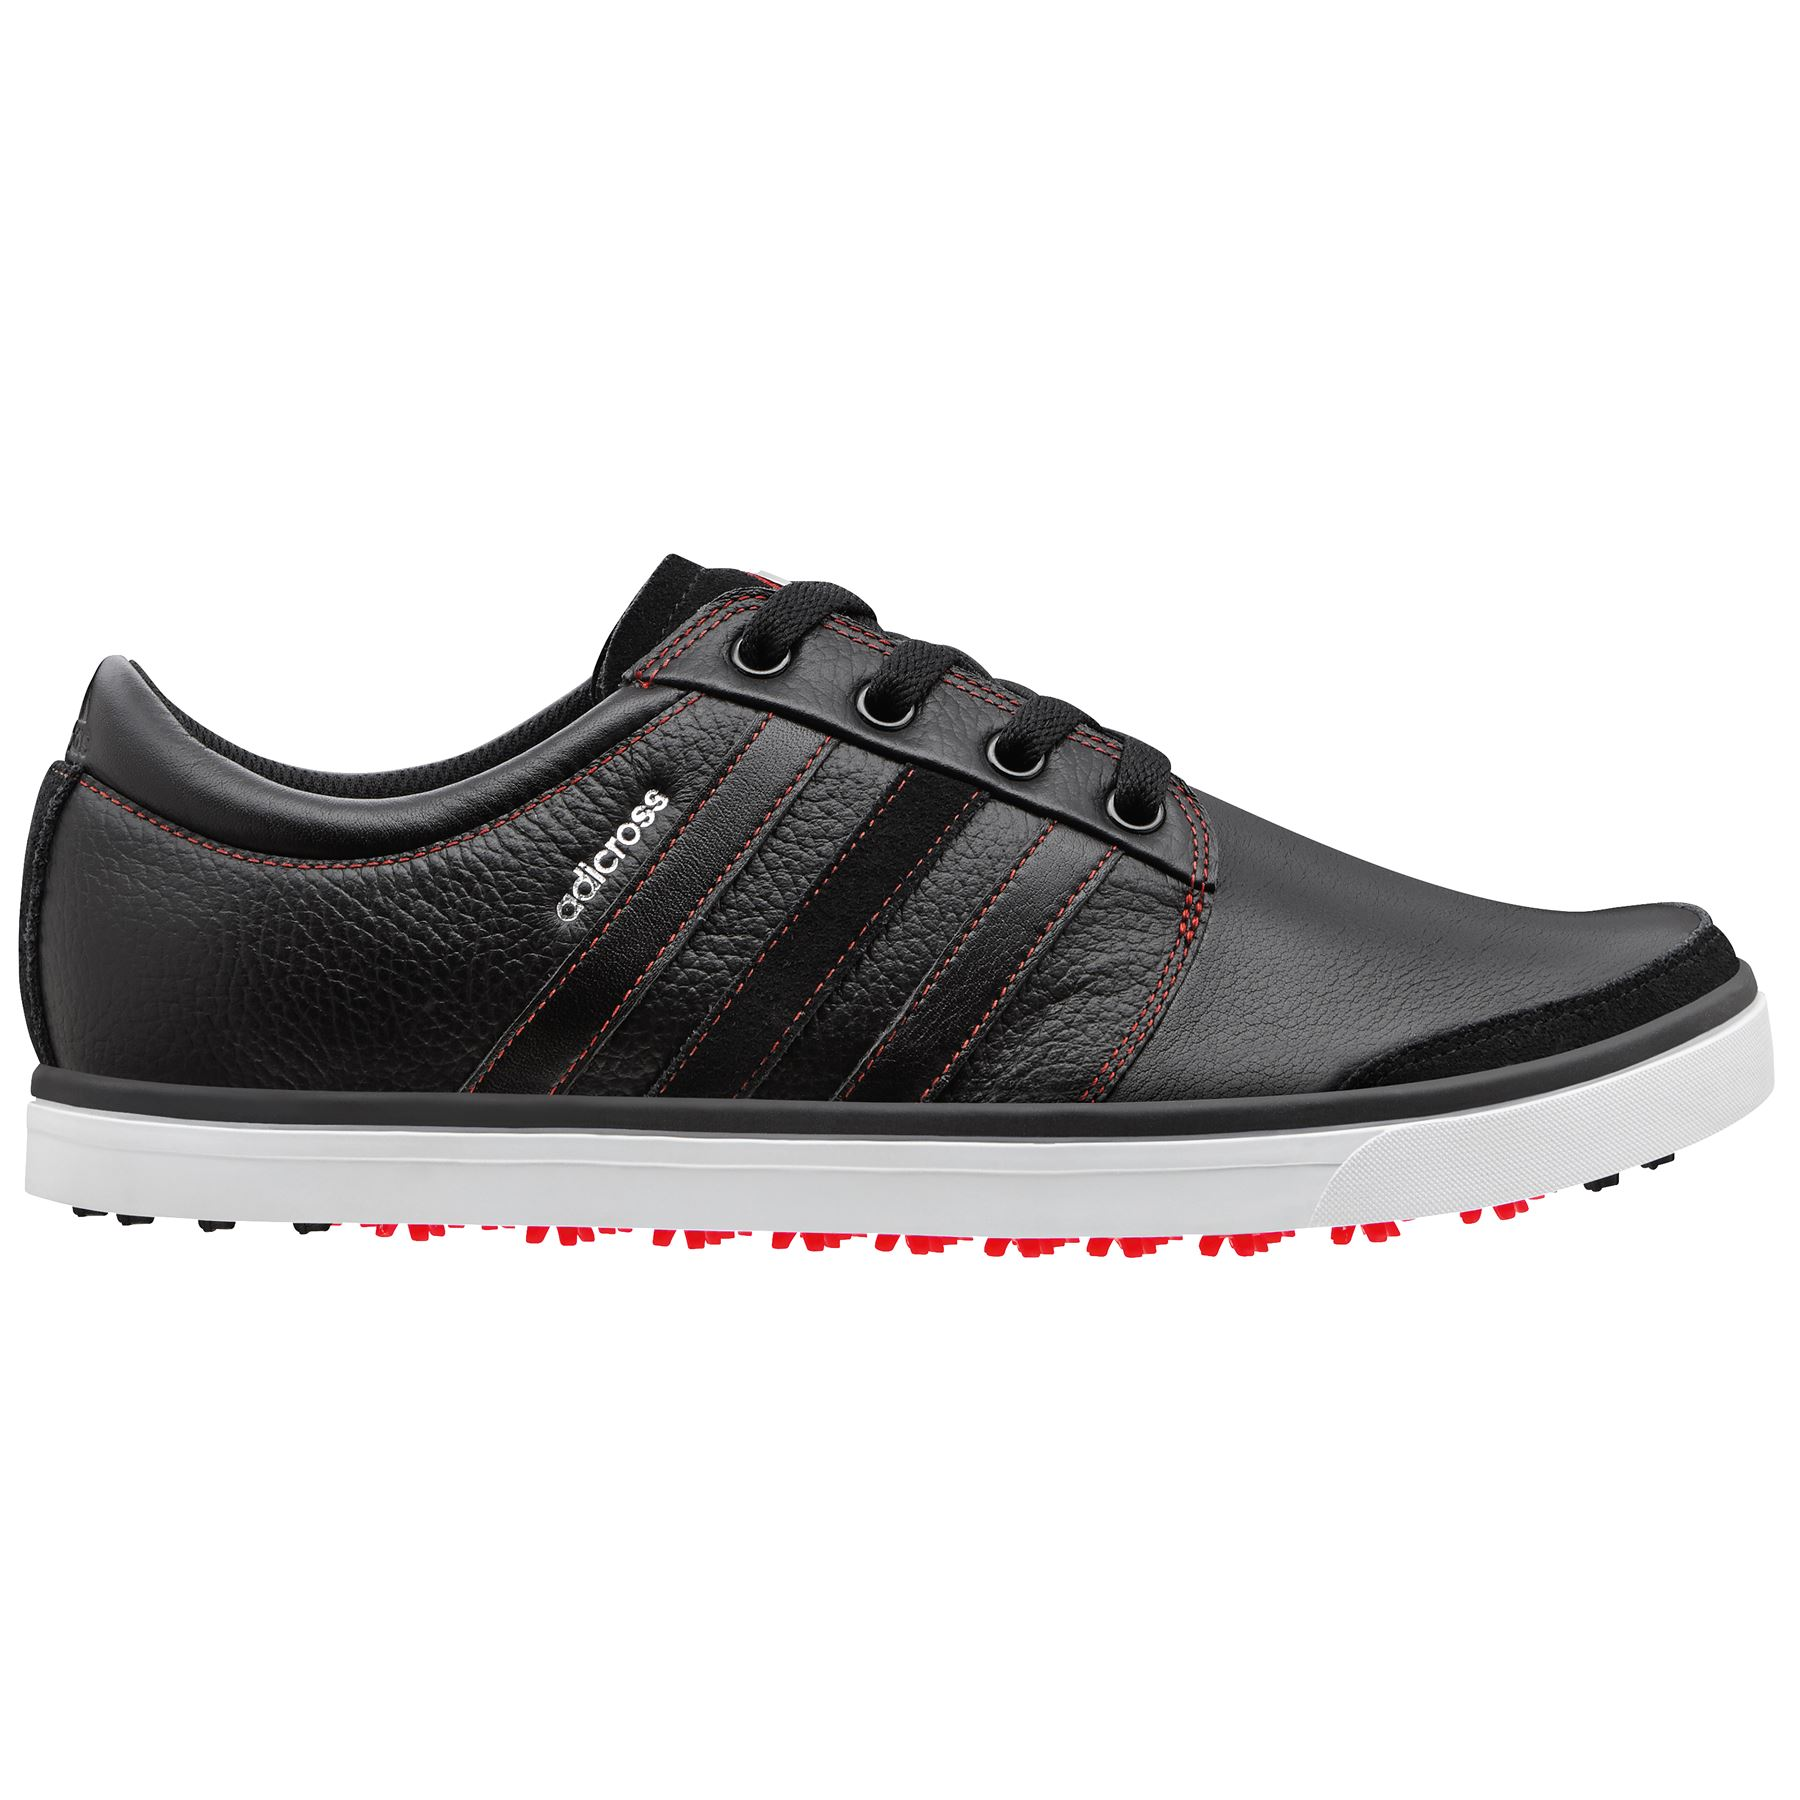 Adidas Golf Spikeless Shoes